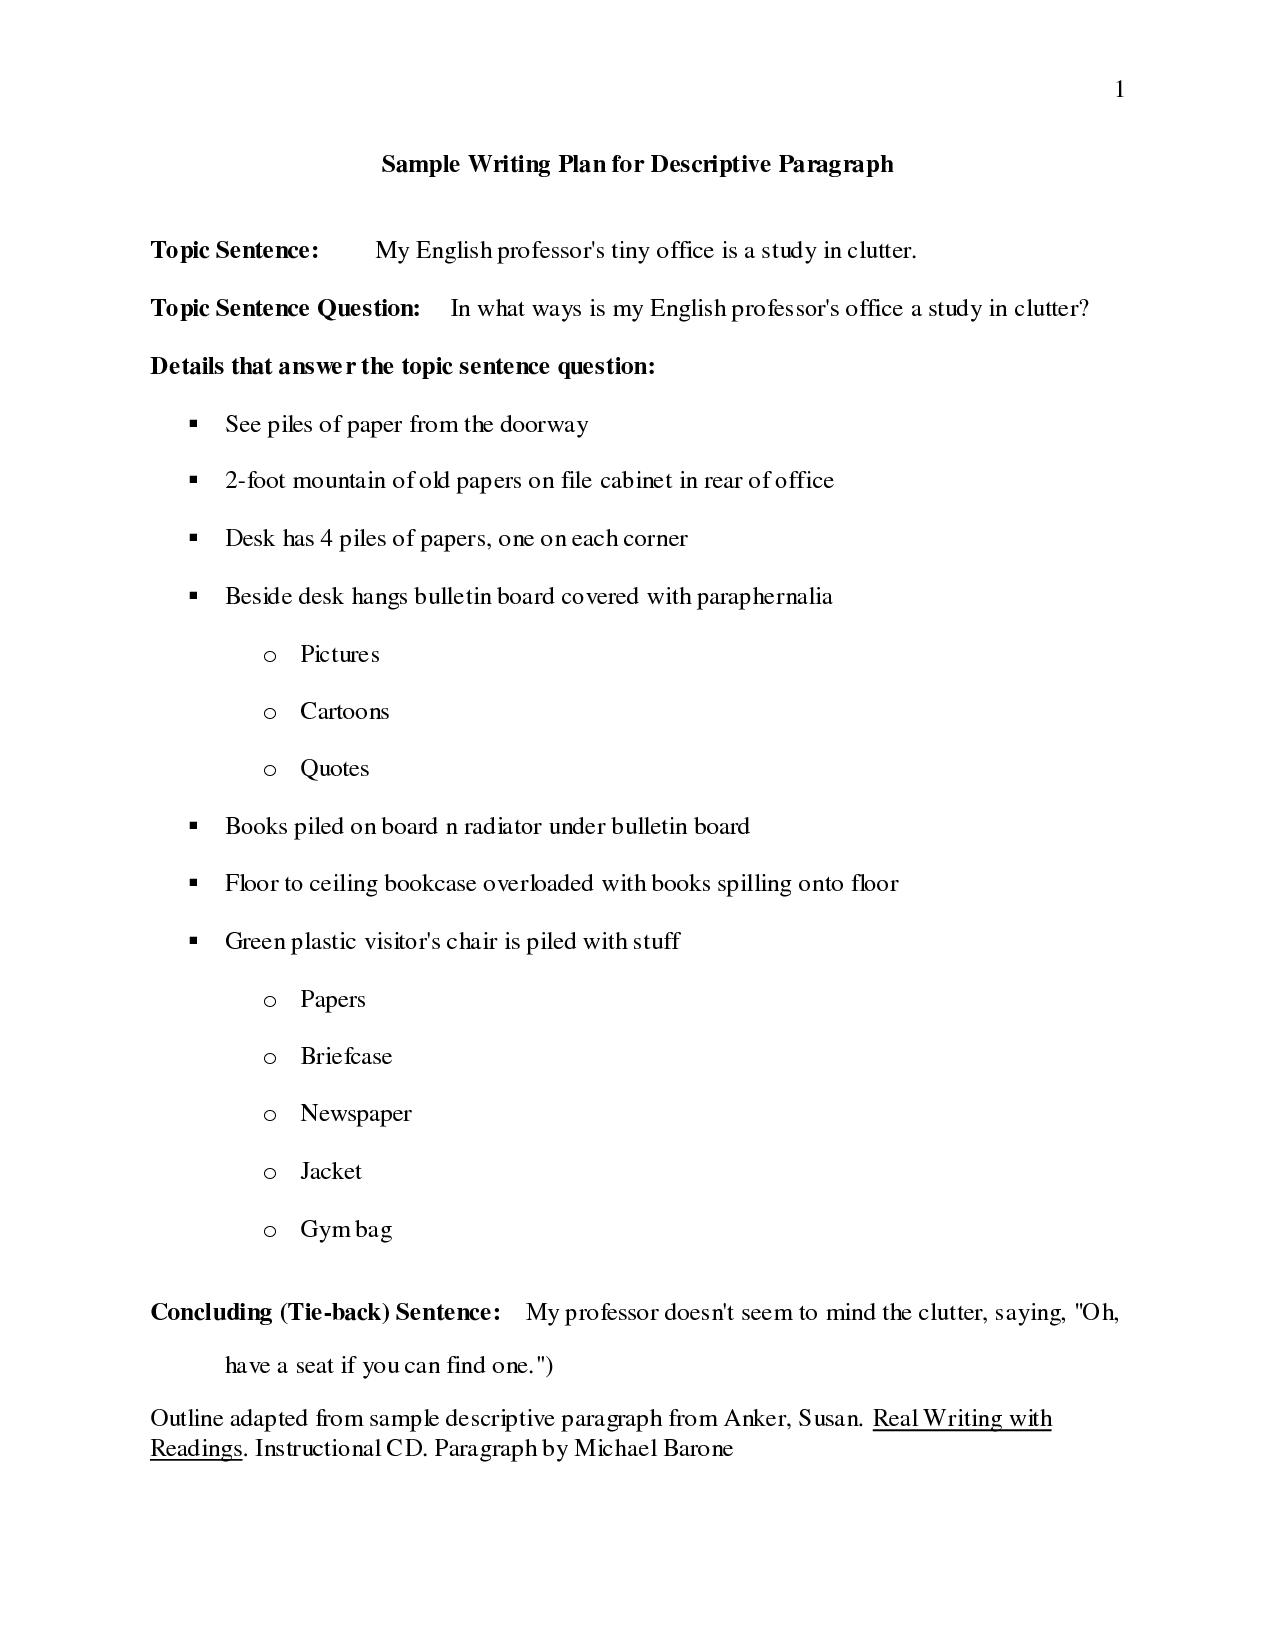 009 Outline Of Essay Descriptives 448810 Impressive Argumentative Sample Mla Format Full